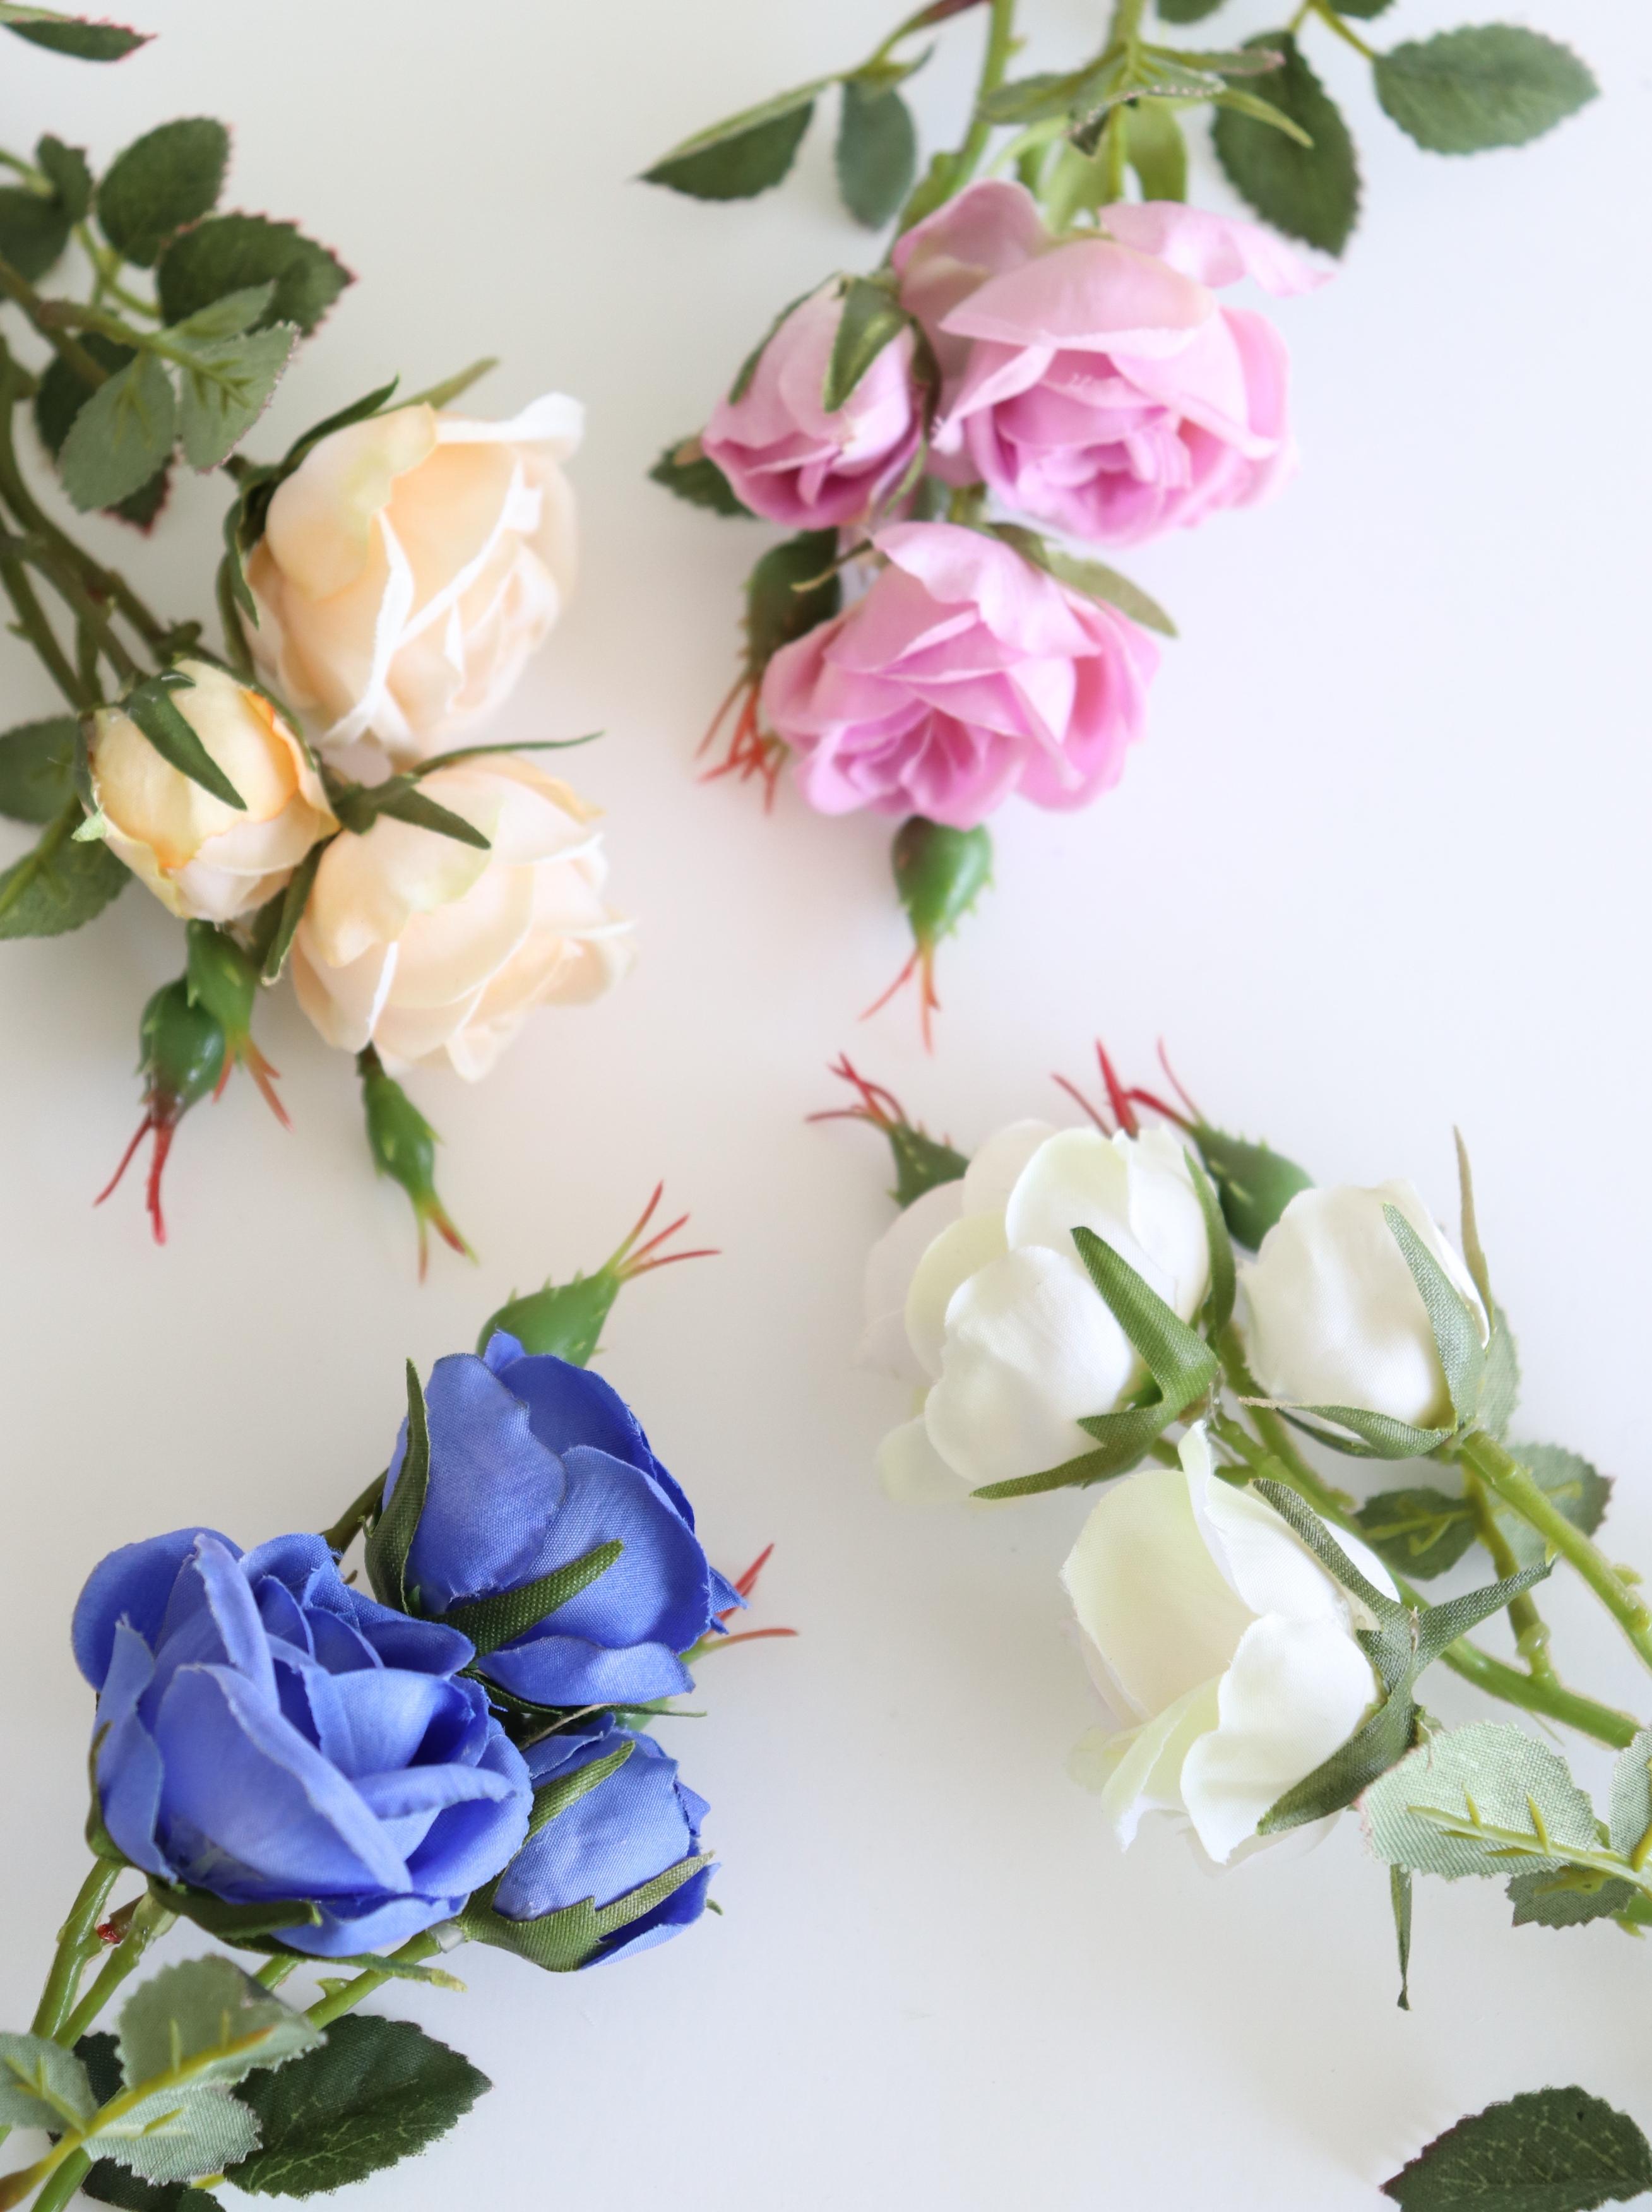 シェルローズ 4色(ピーチ、ピンク、ホワイトグリーン、ロイヤルブルー)1本単位〜